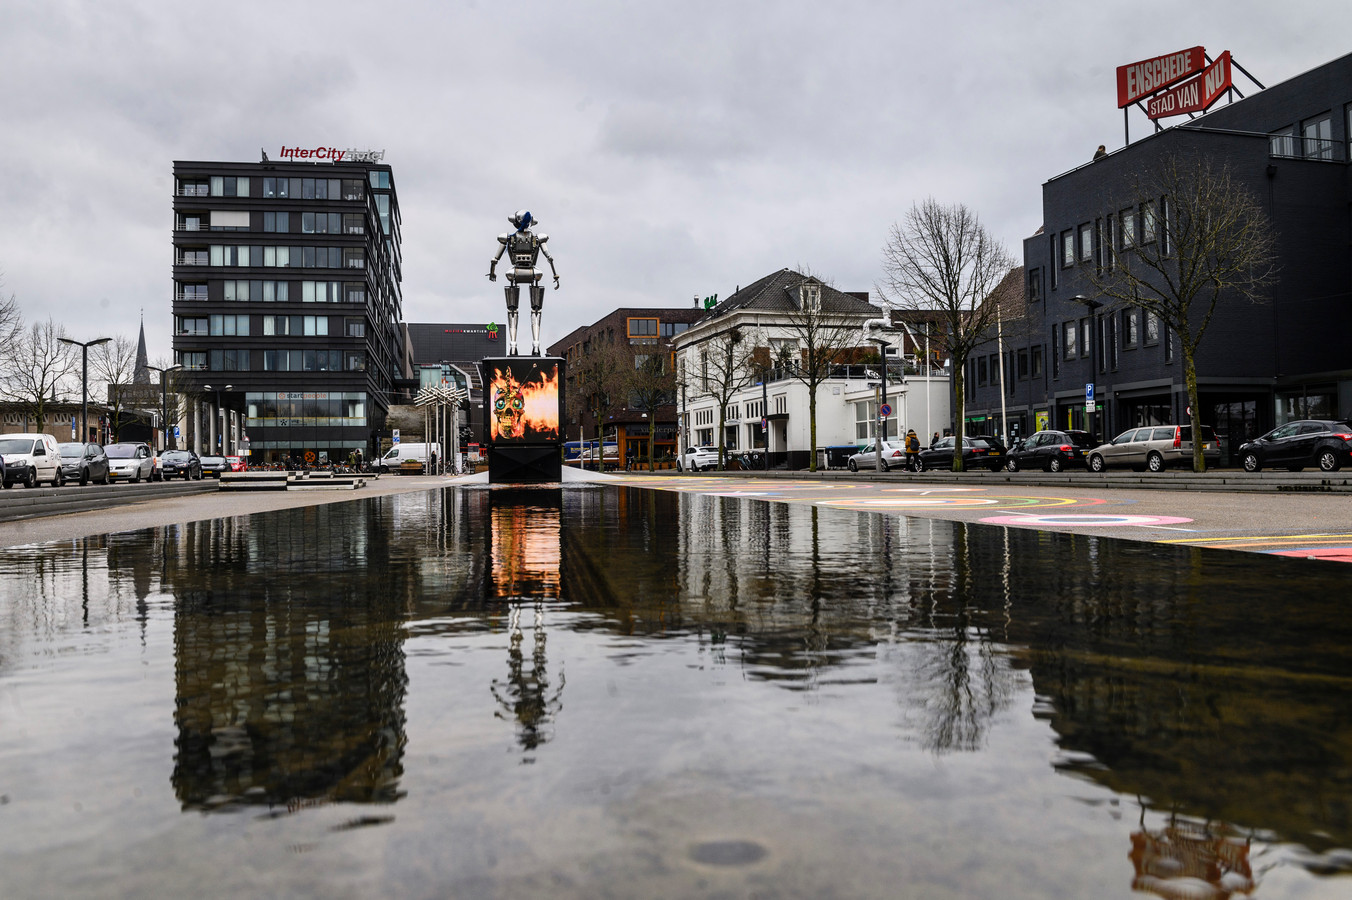 Het Stationsplein in Enschede, rechtsboven is op het dak de huidige cityslogan te zien: Enschede Stad van Nu.